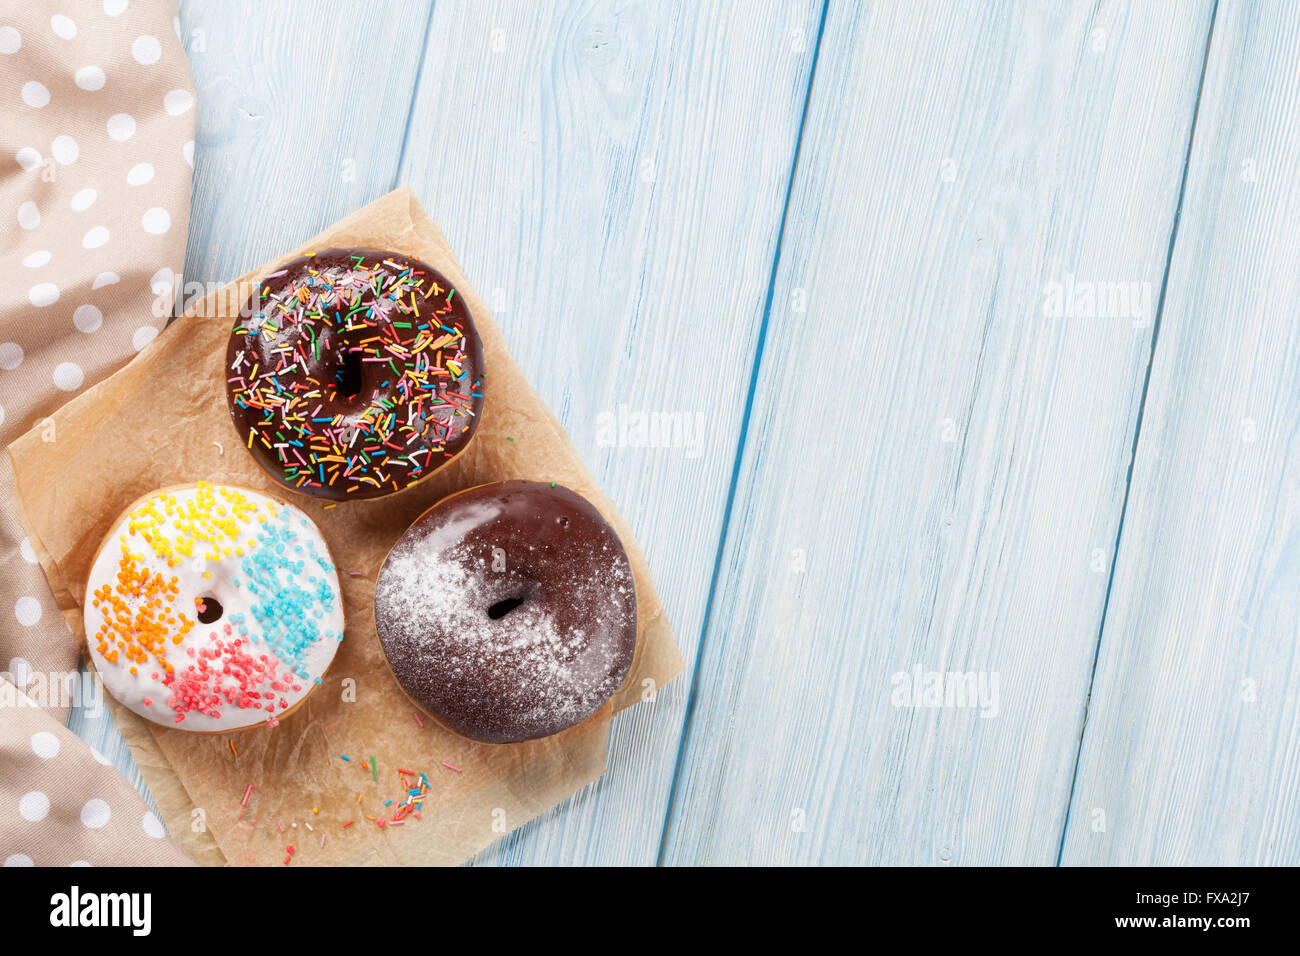 Rosquillas con decoración colorida sobre la mesa de madera. Vista superior con espacio de copia Imagen De Stock